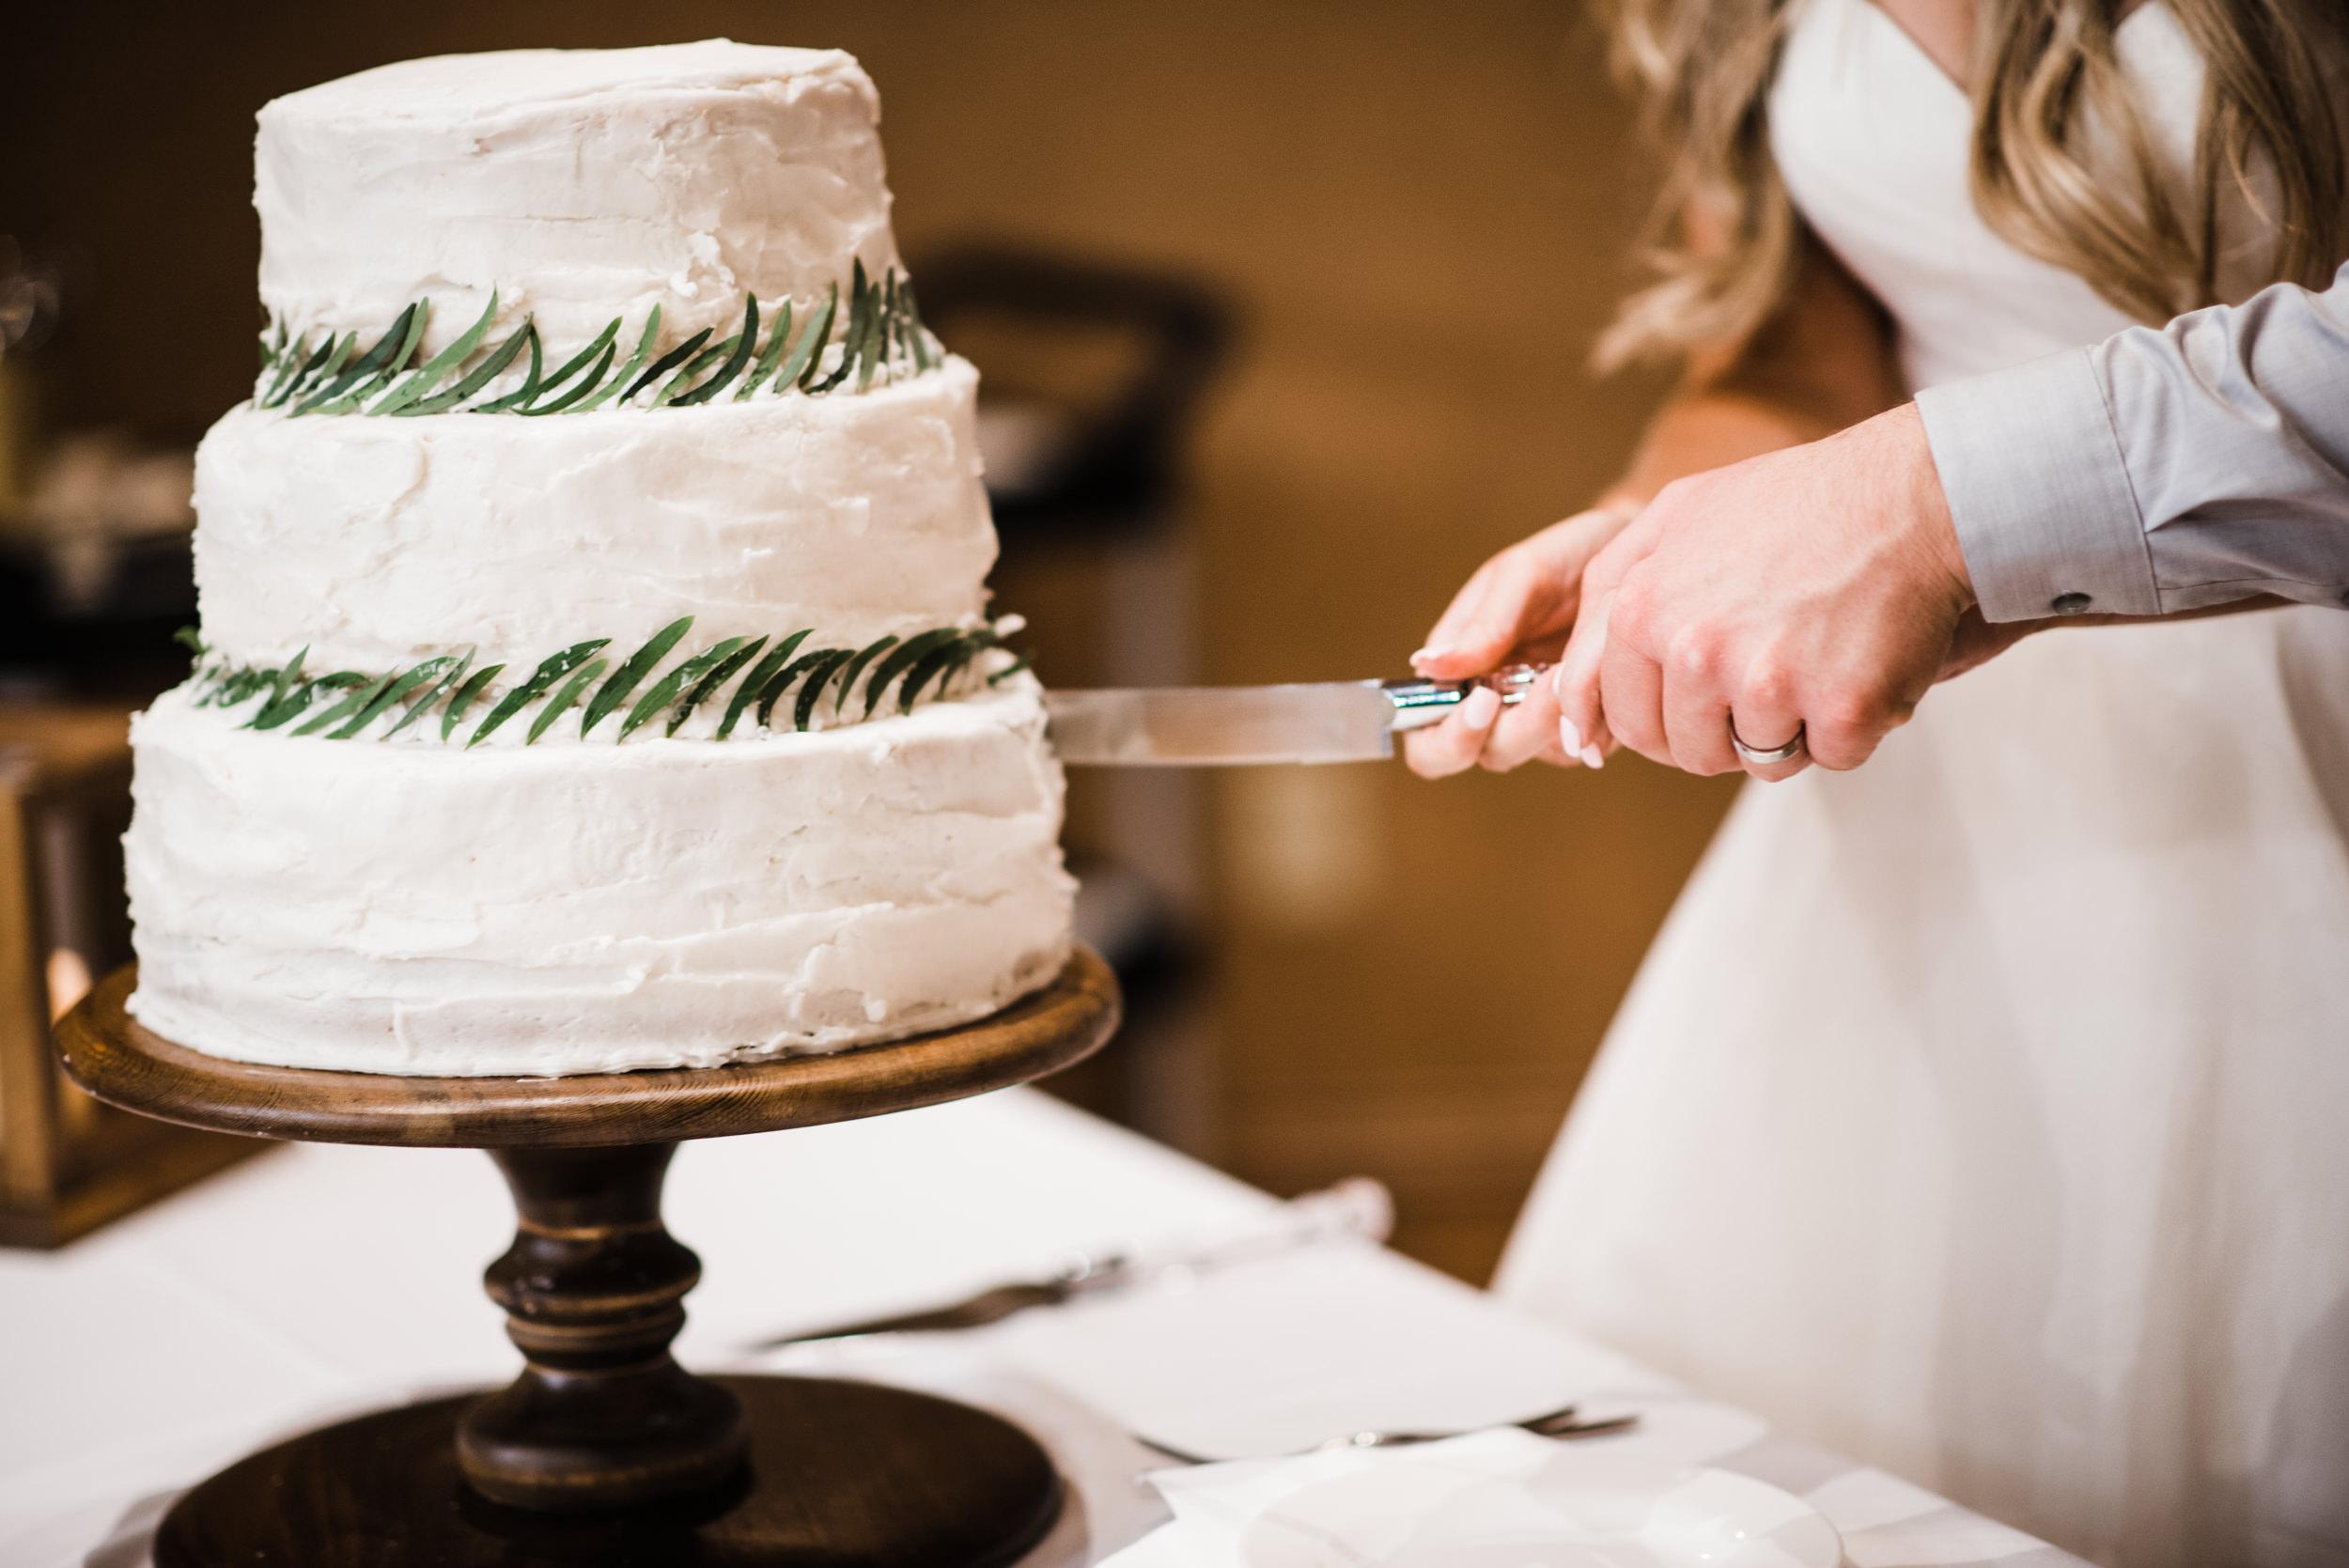 Colorado mountain wedding photographer at Brookeside Gardens wedding cake